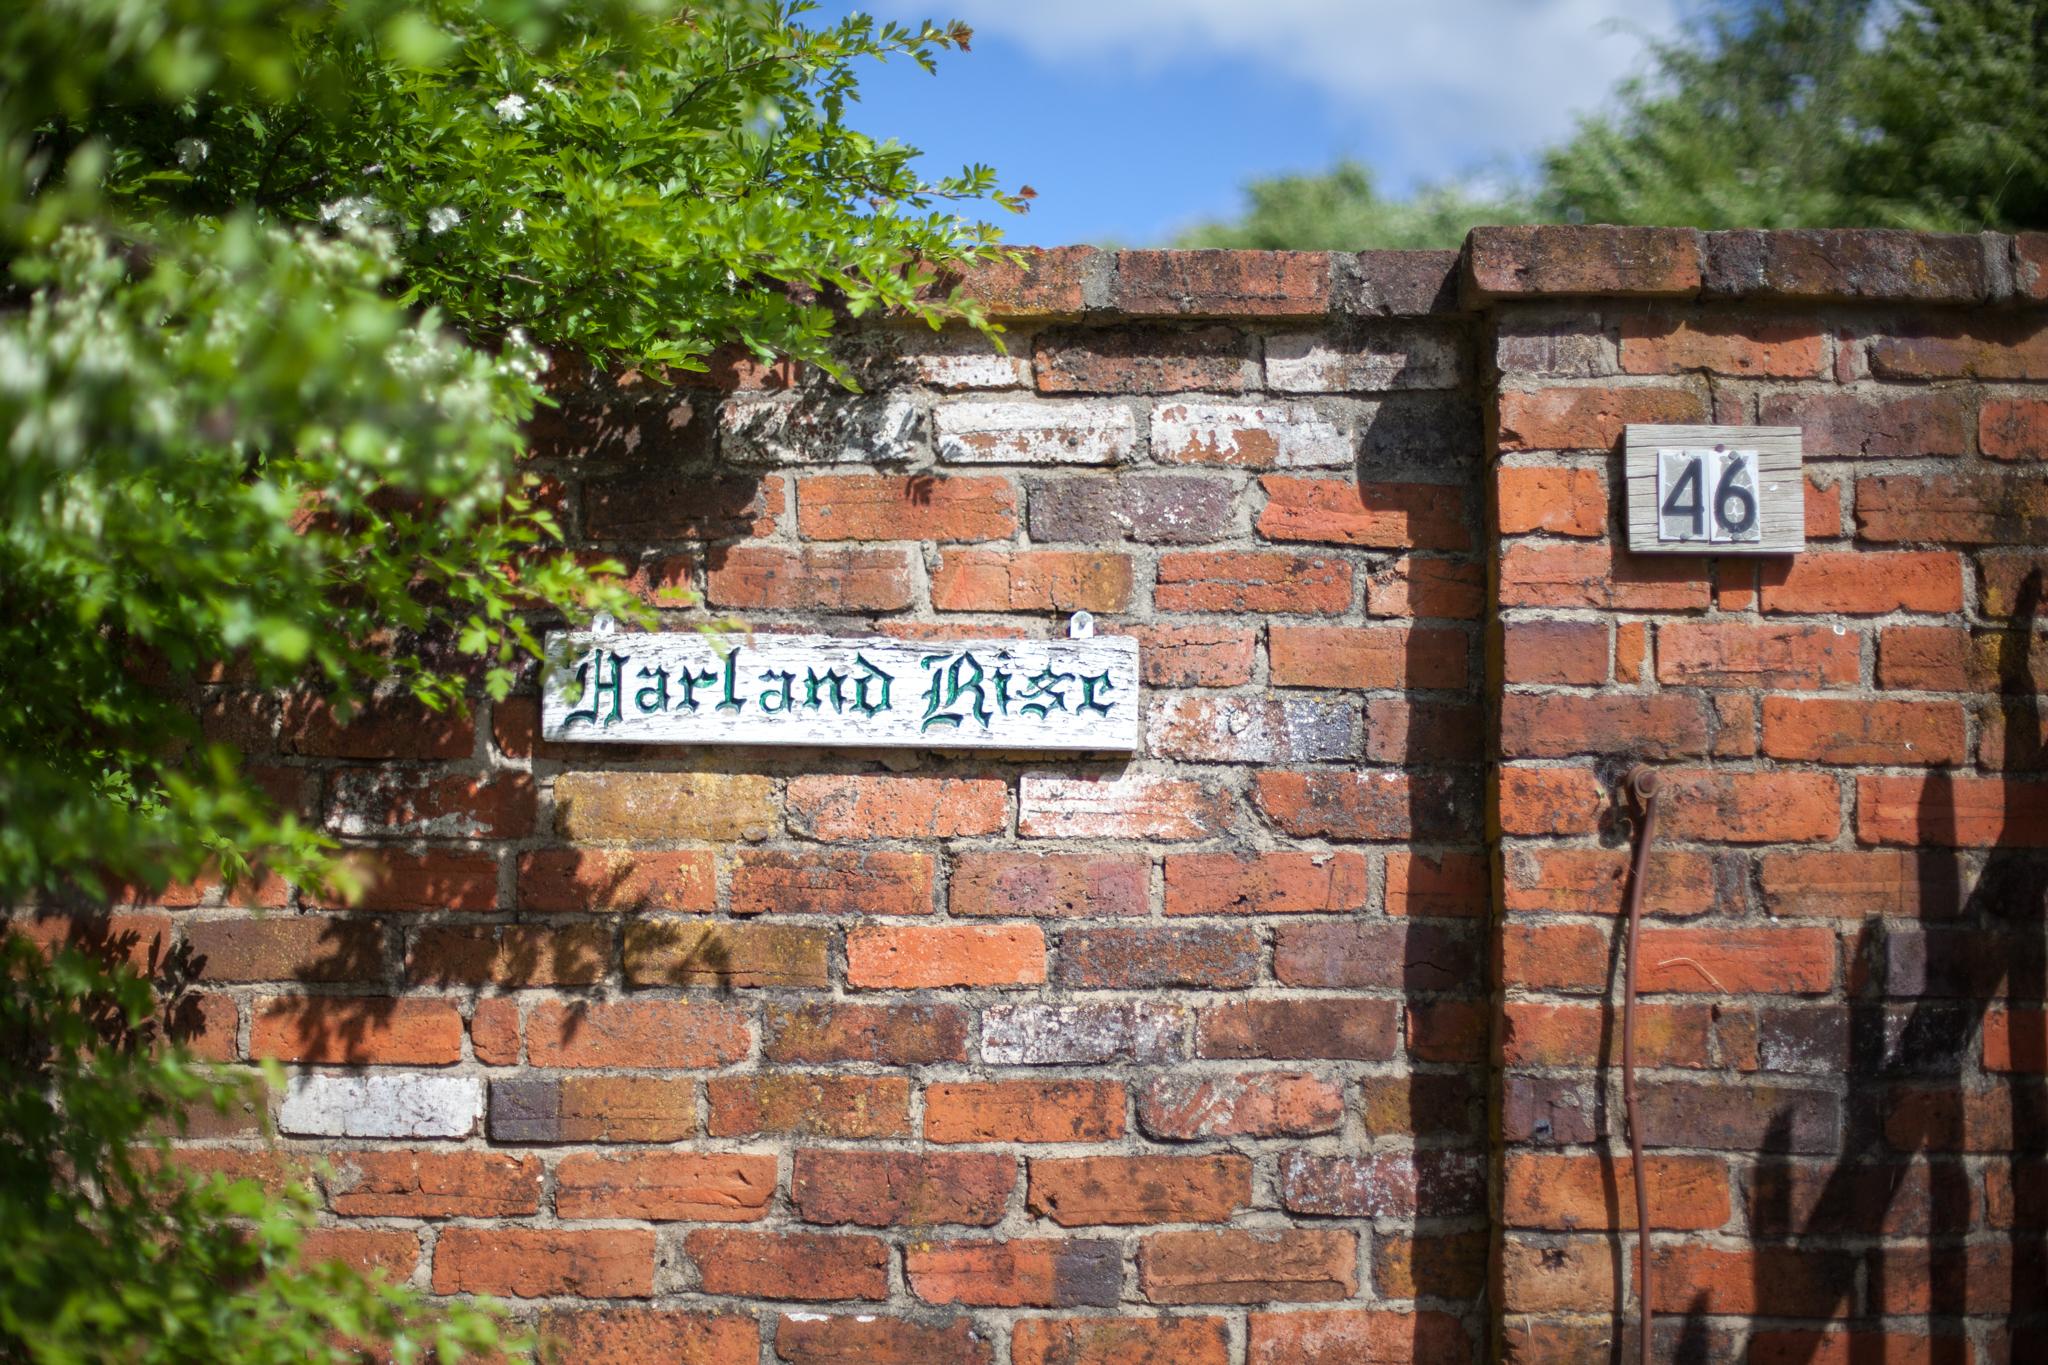 Harland Rise Barn